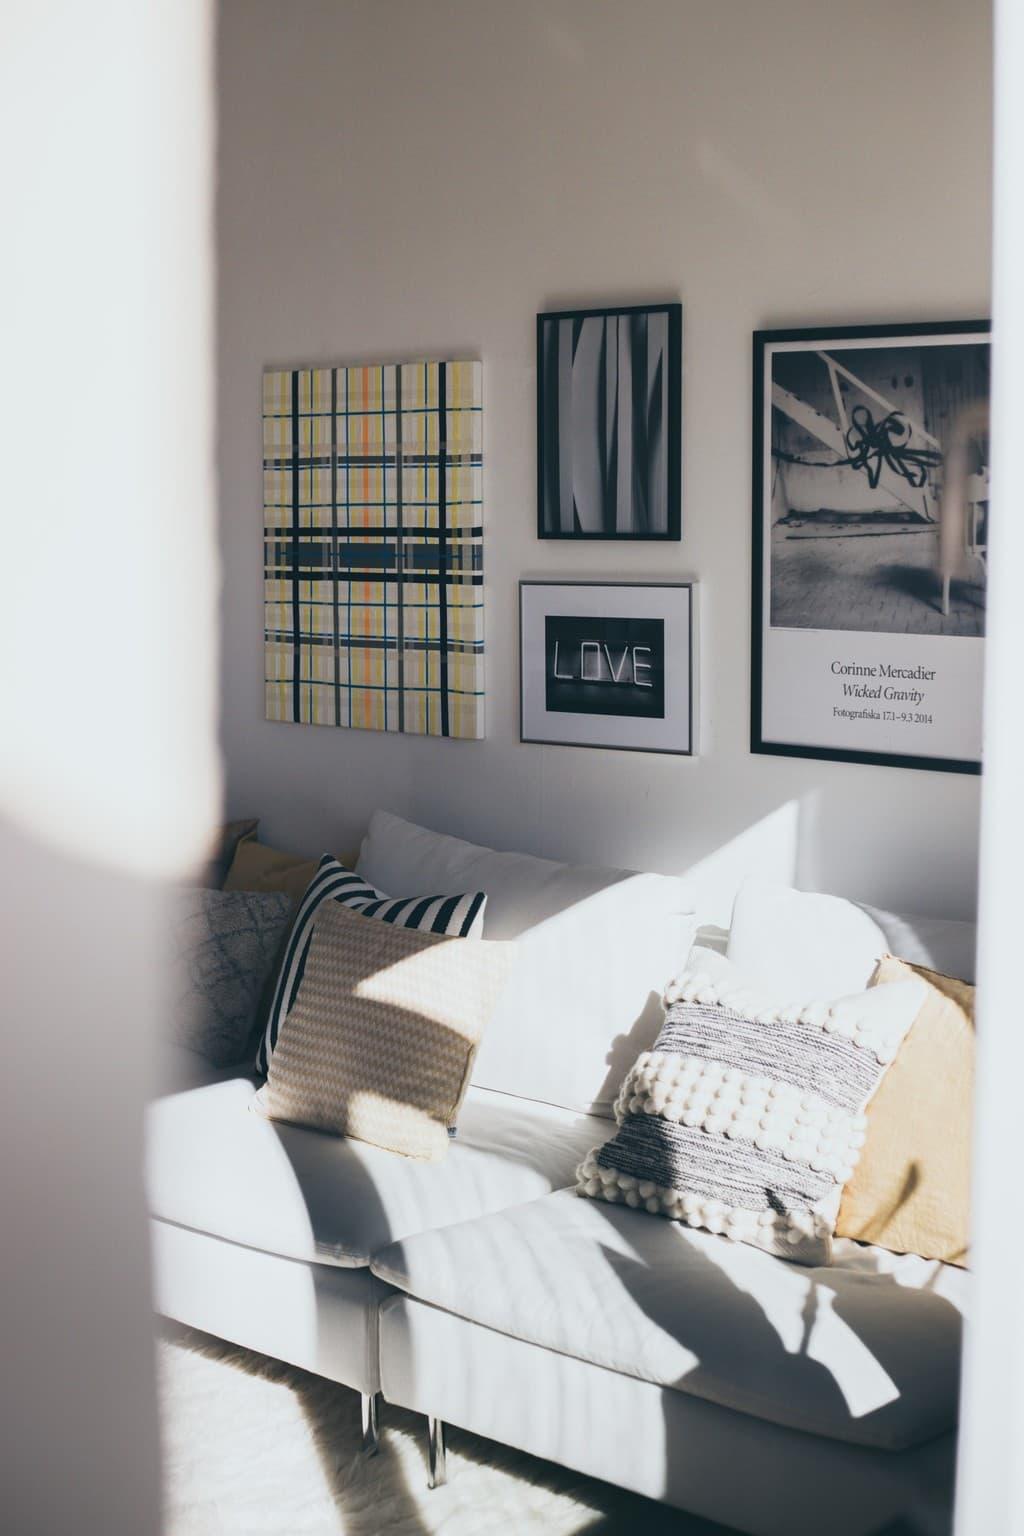 soffa med kuddar och tavlor bakom